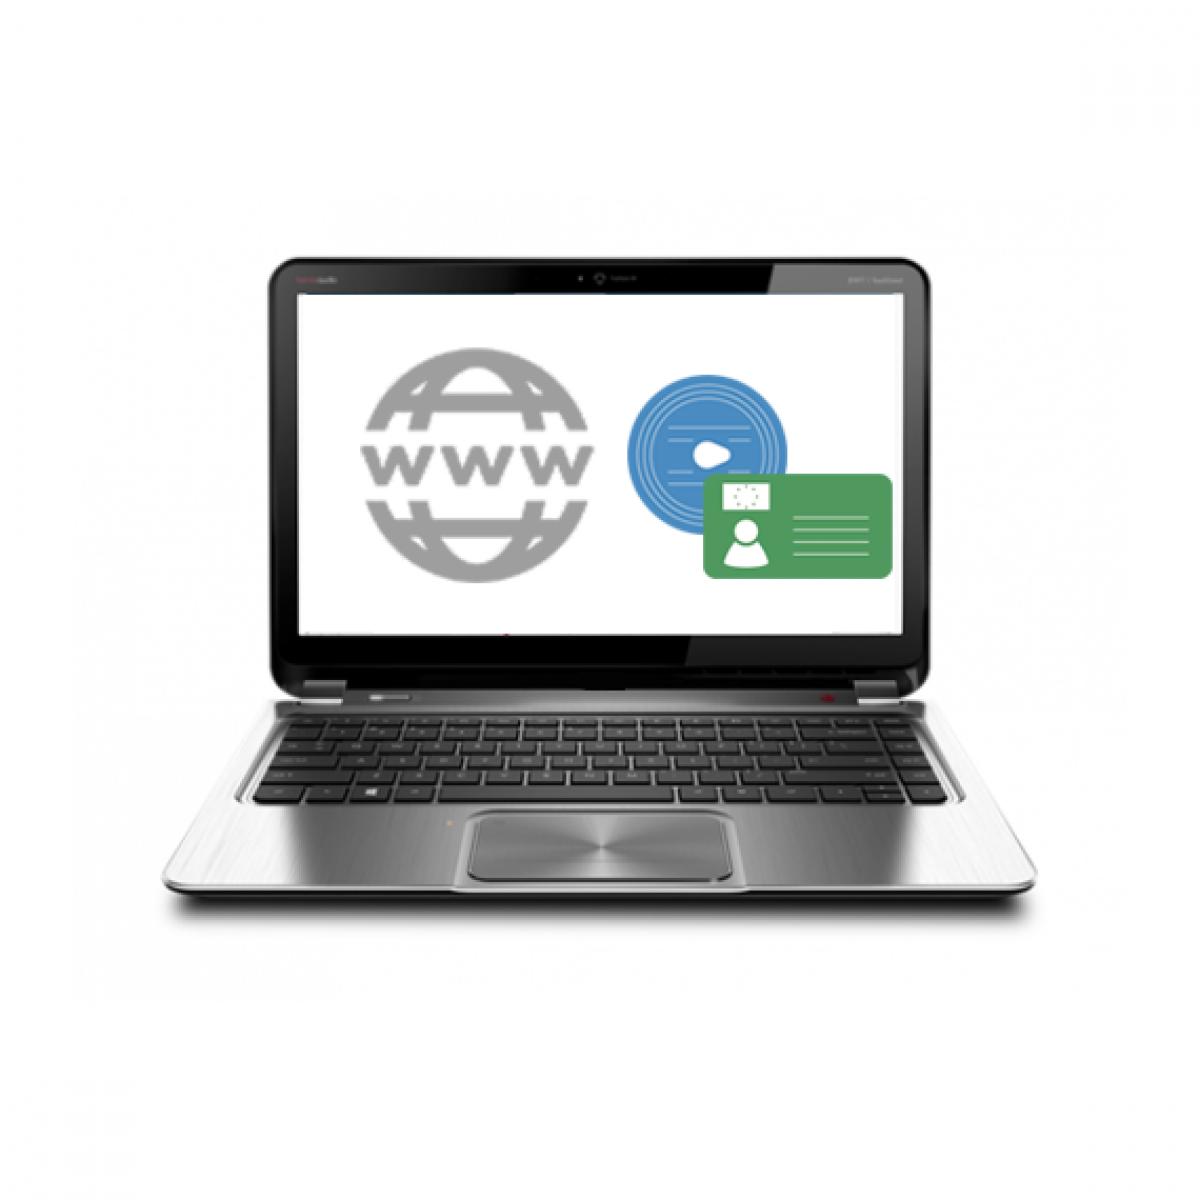 OPTAC3 Web Account Setup